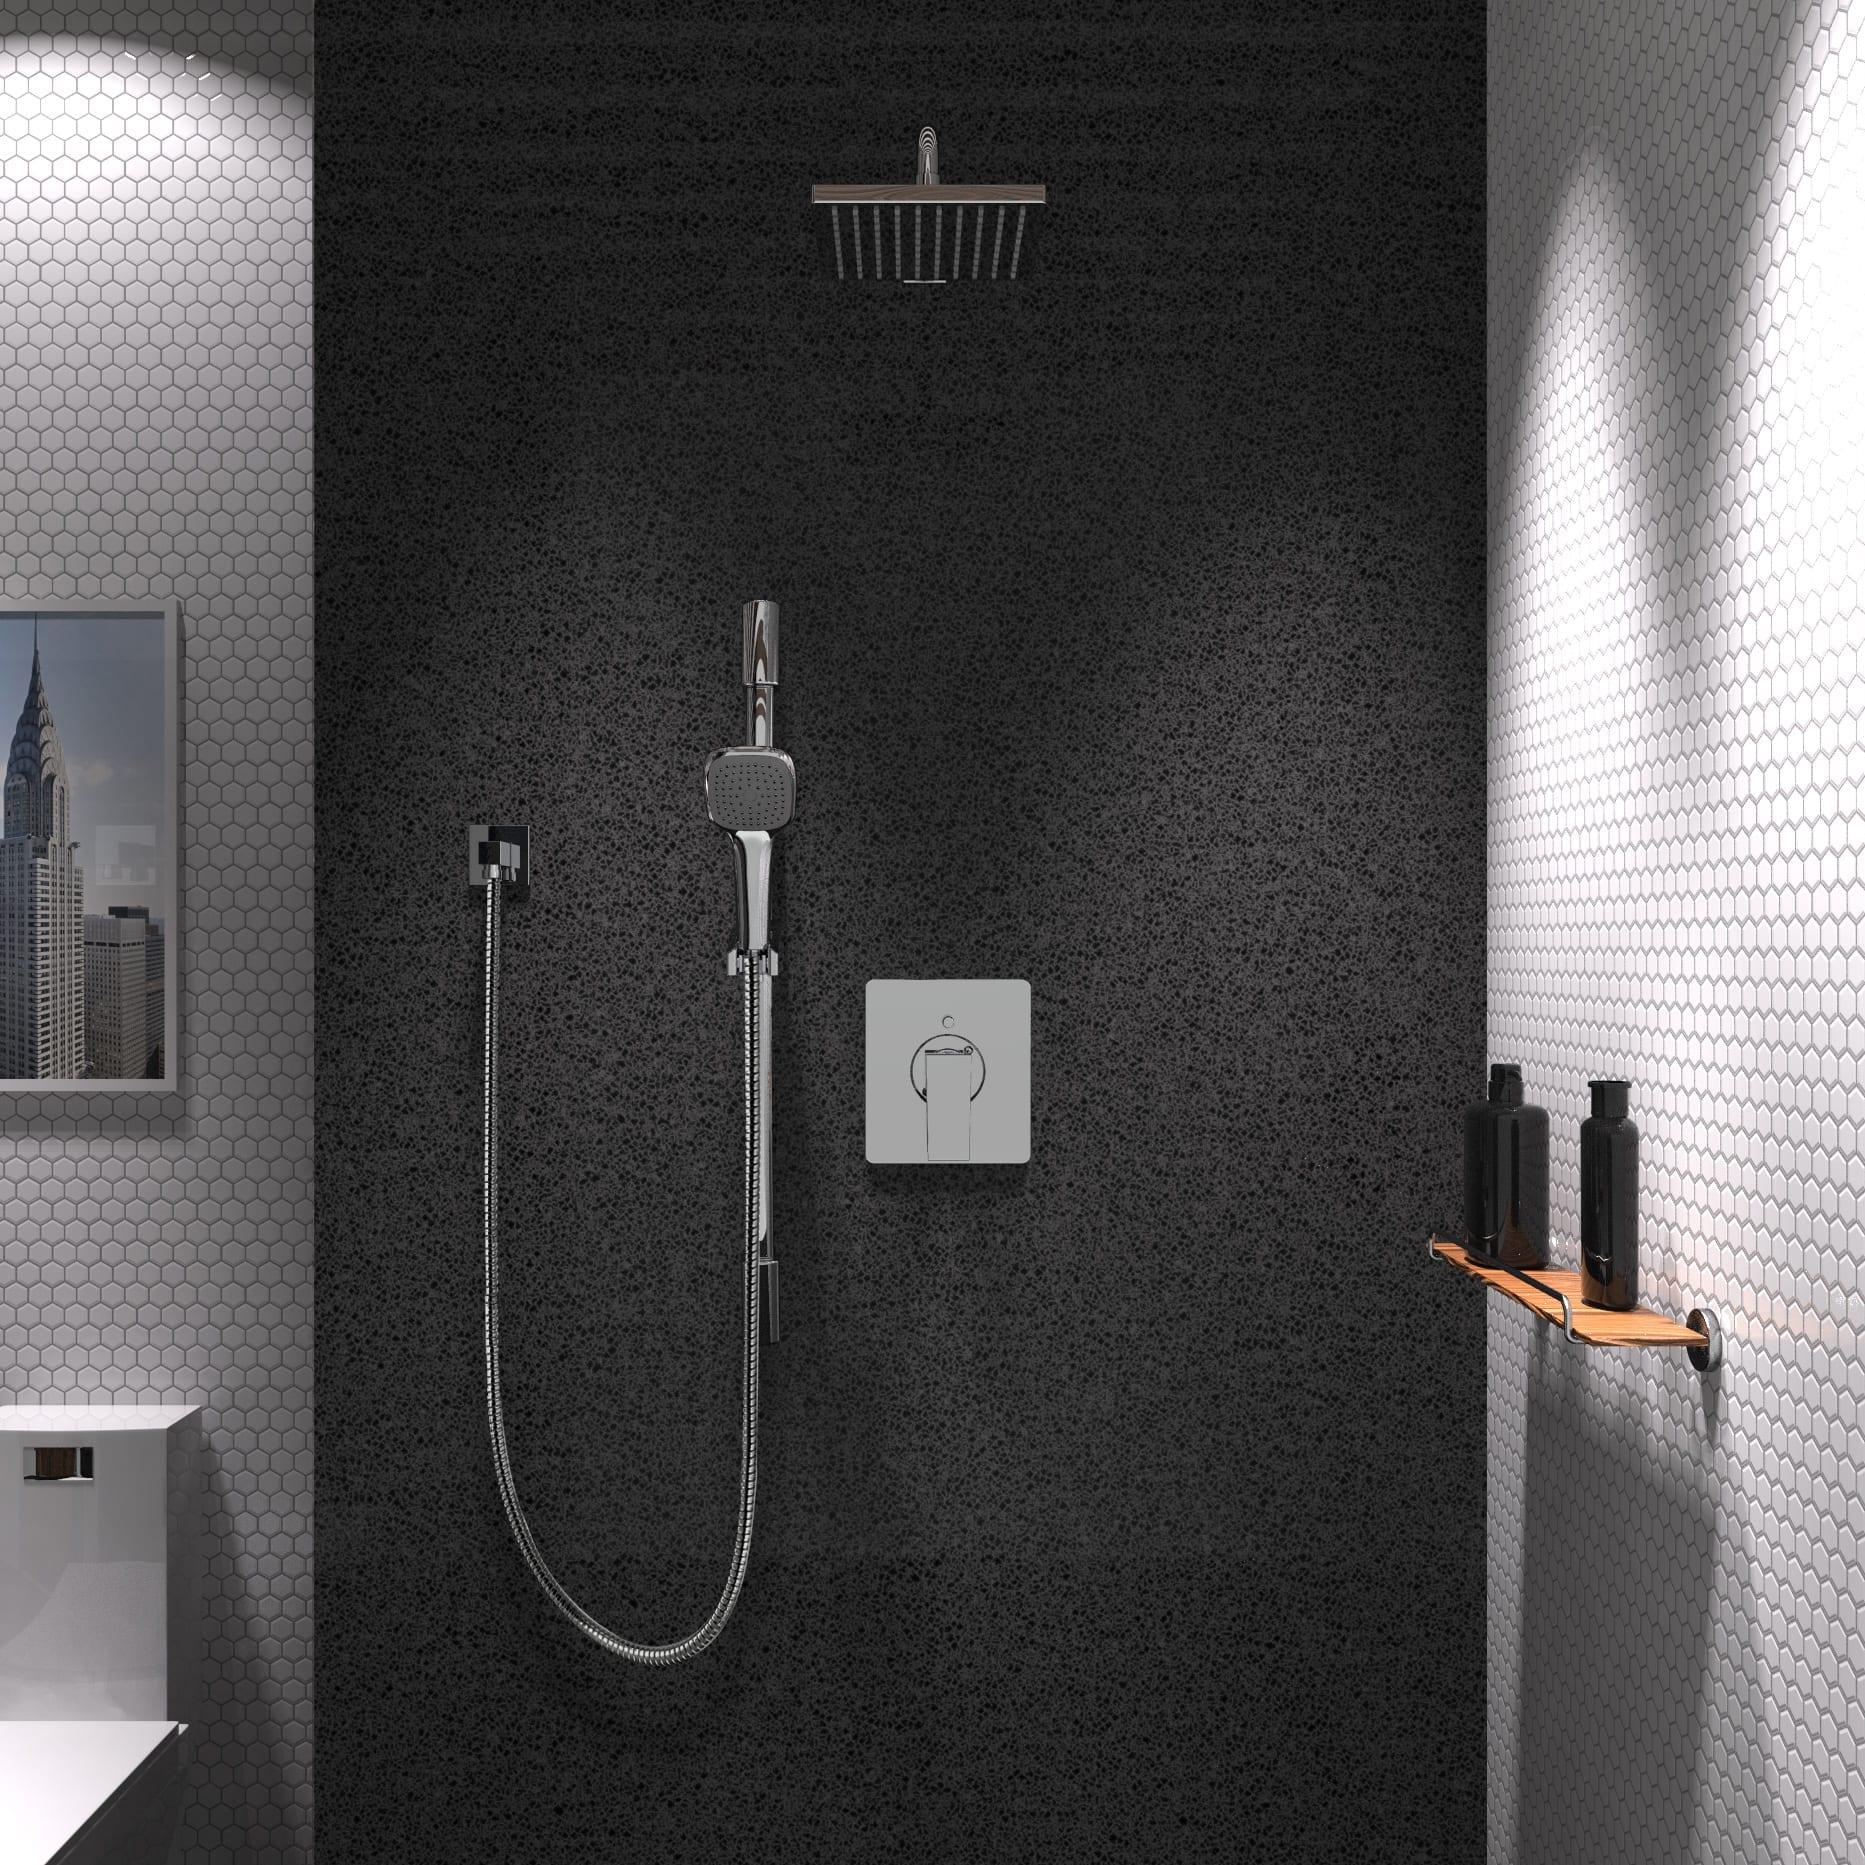 Kit: Shower Faucet - Complete model for Pressure Balanced Diverter ...